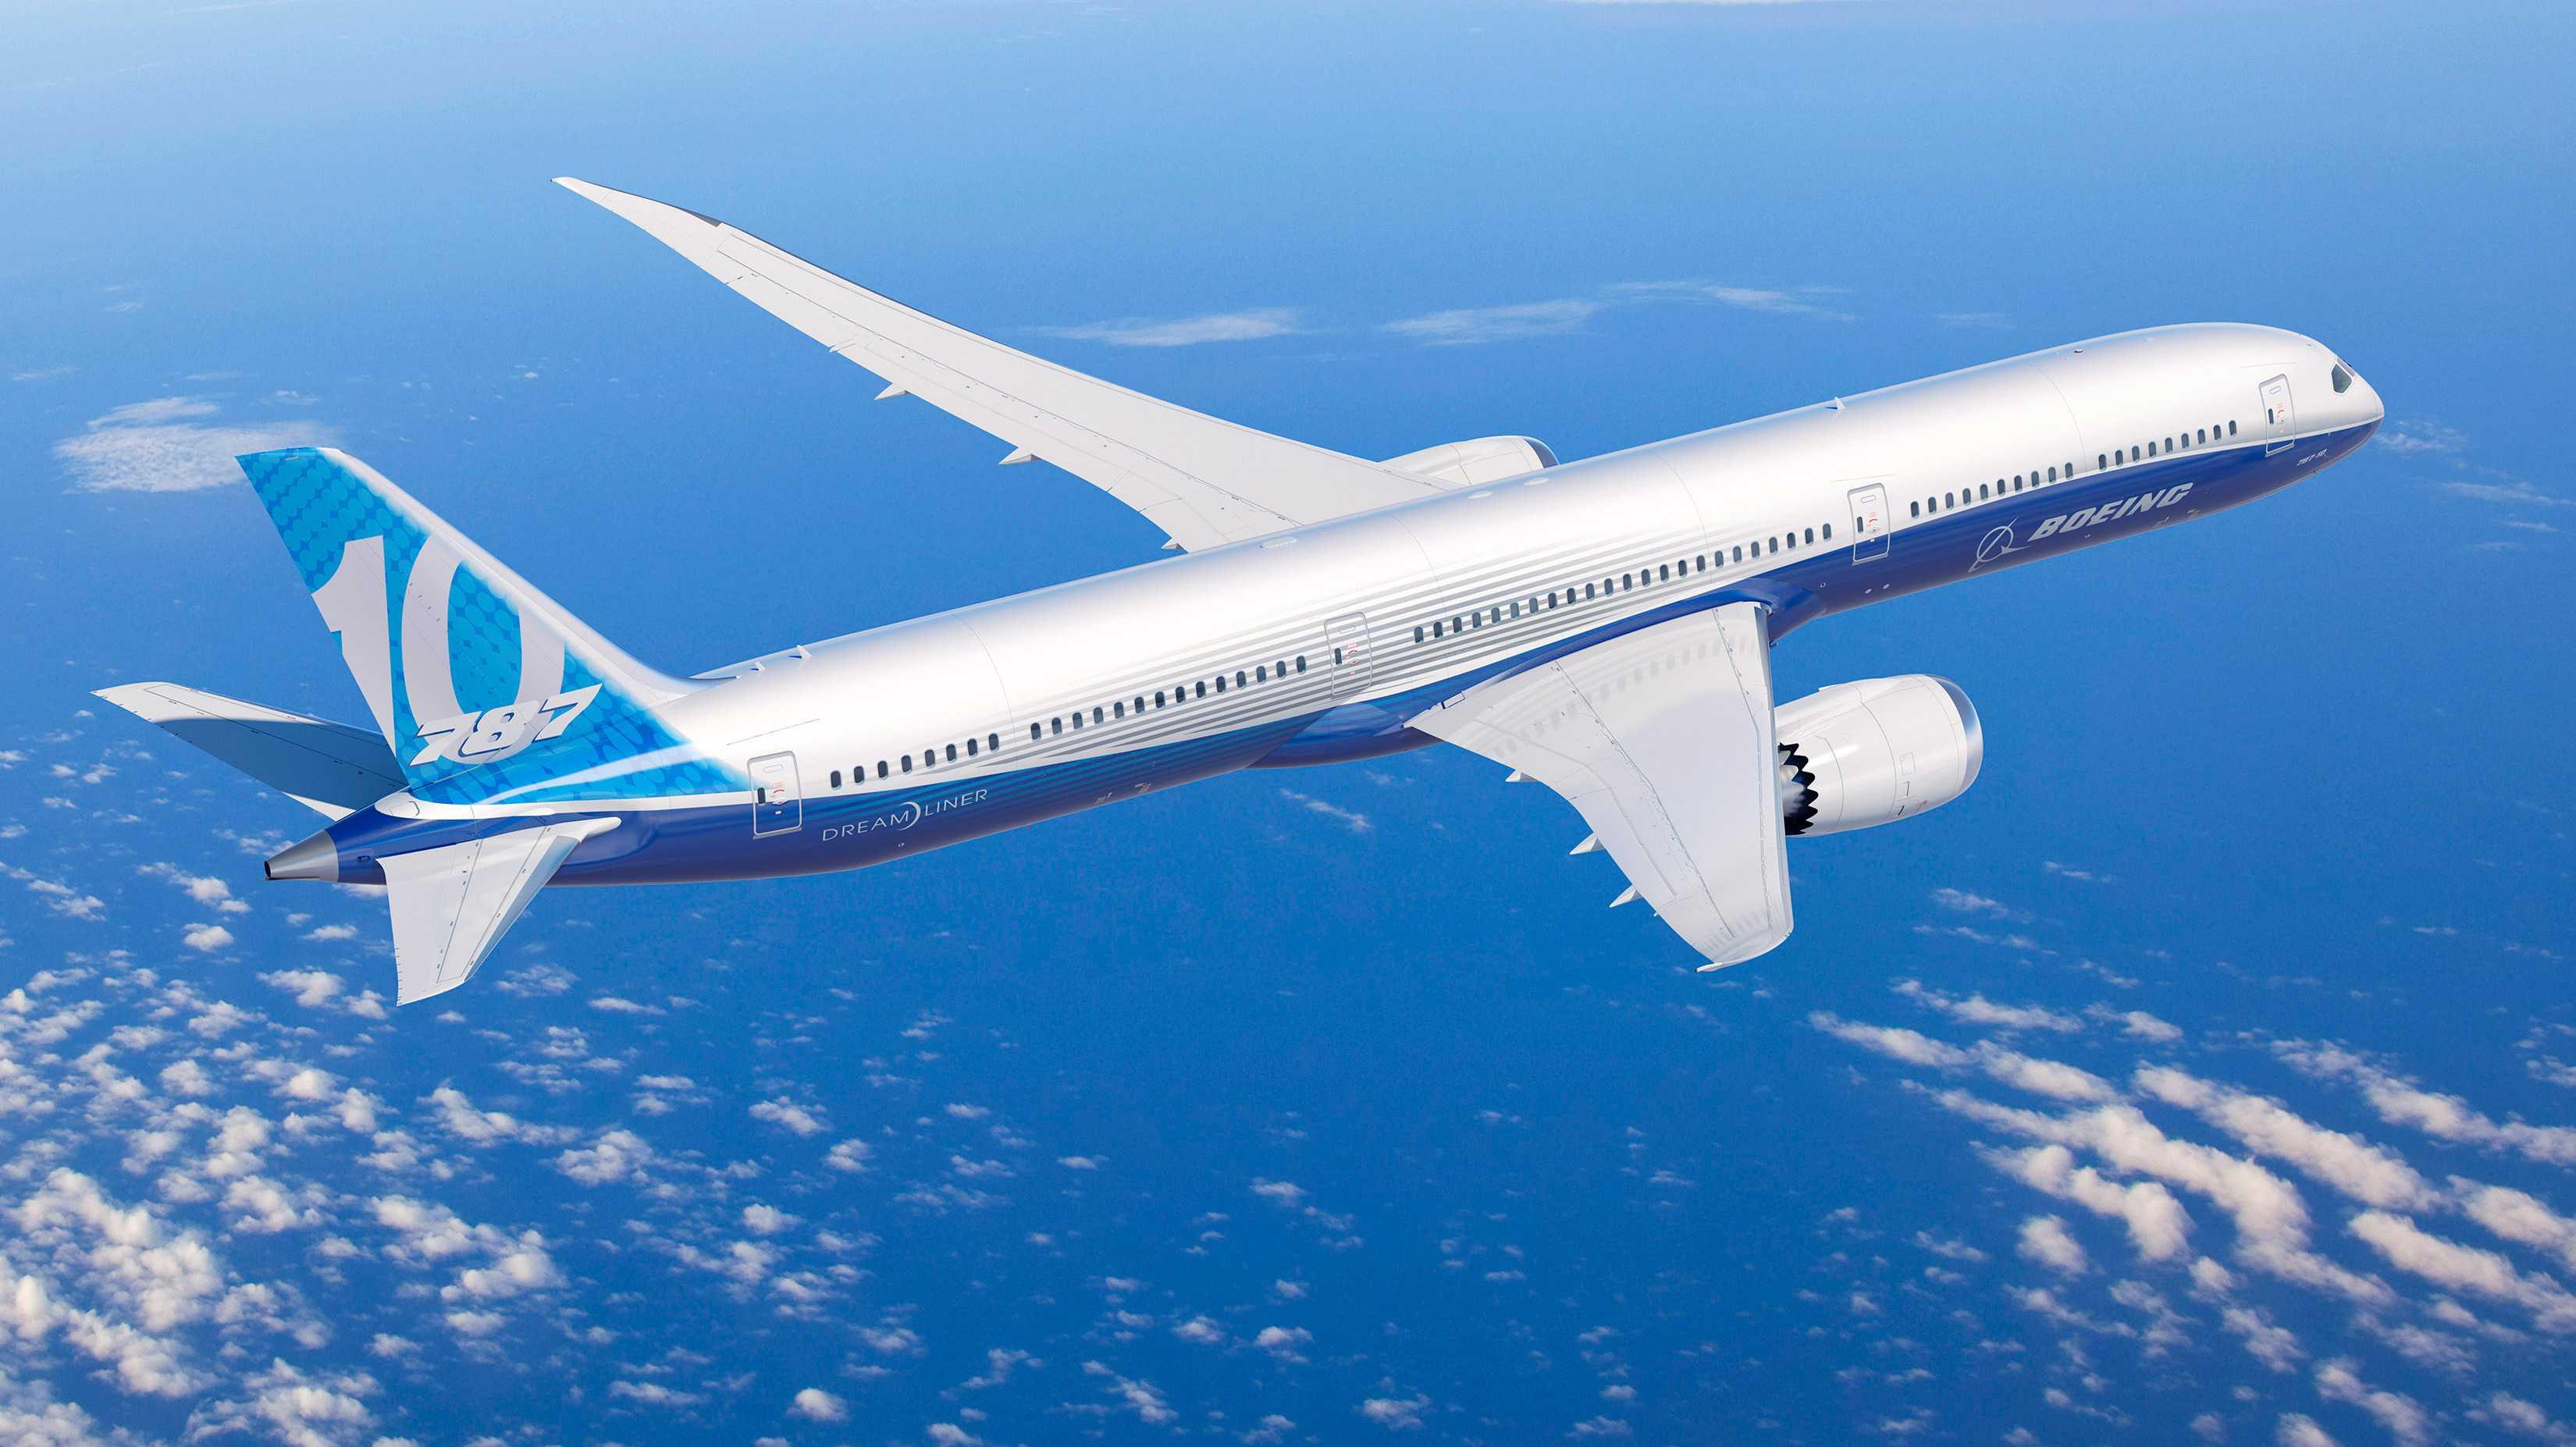 100 Jahre Boeing: Vom Bootsschuppen zum Luftfahrt-Giganten